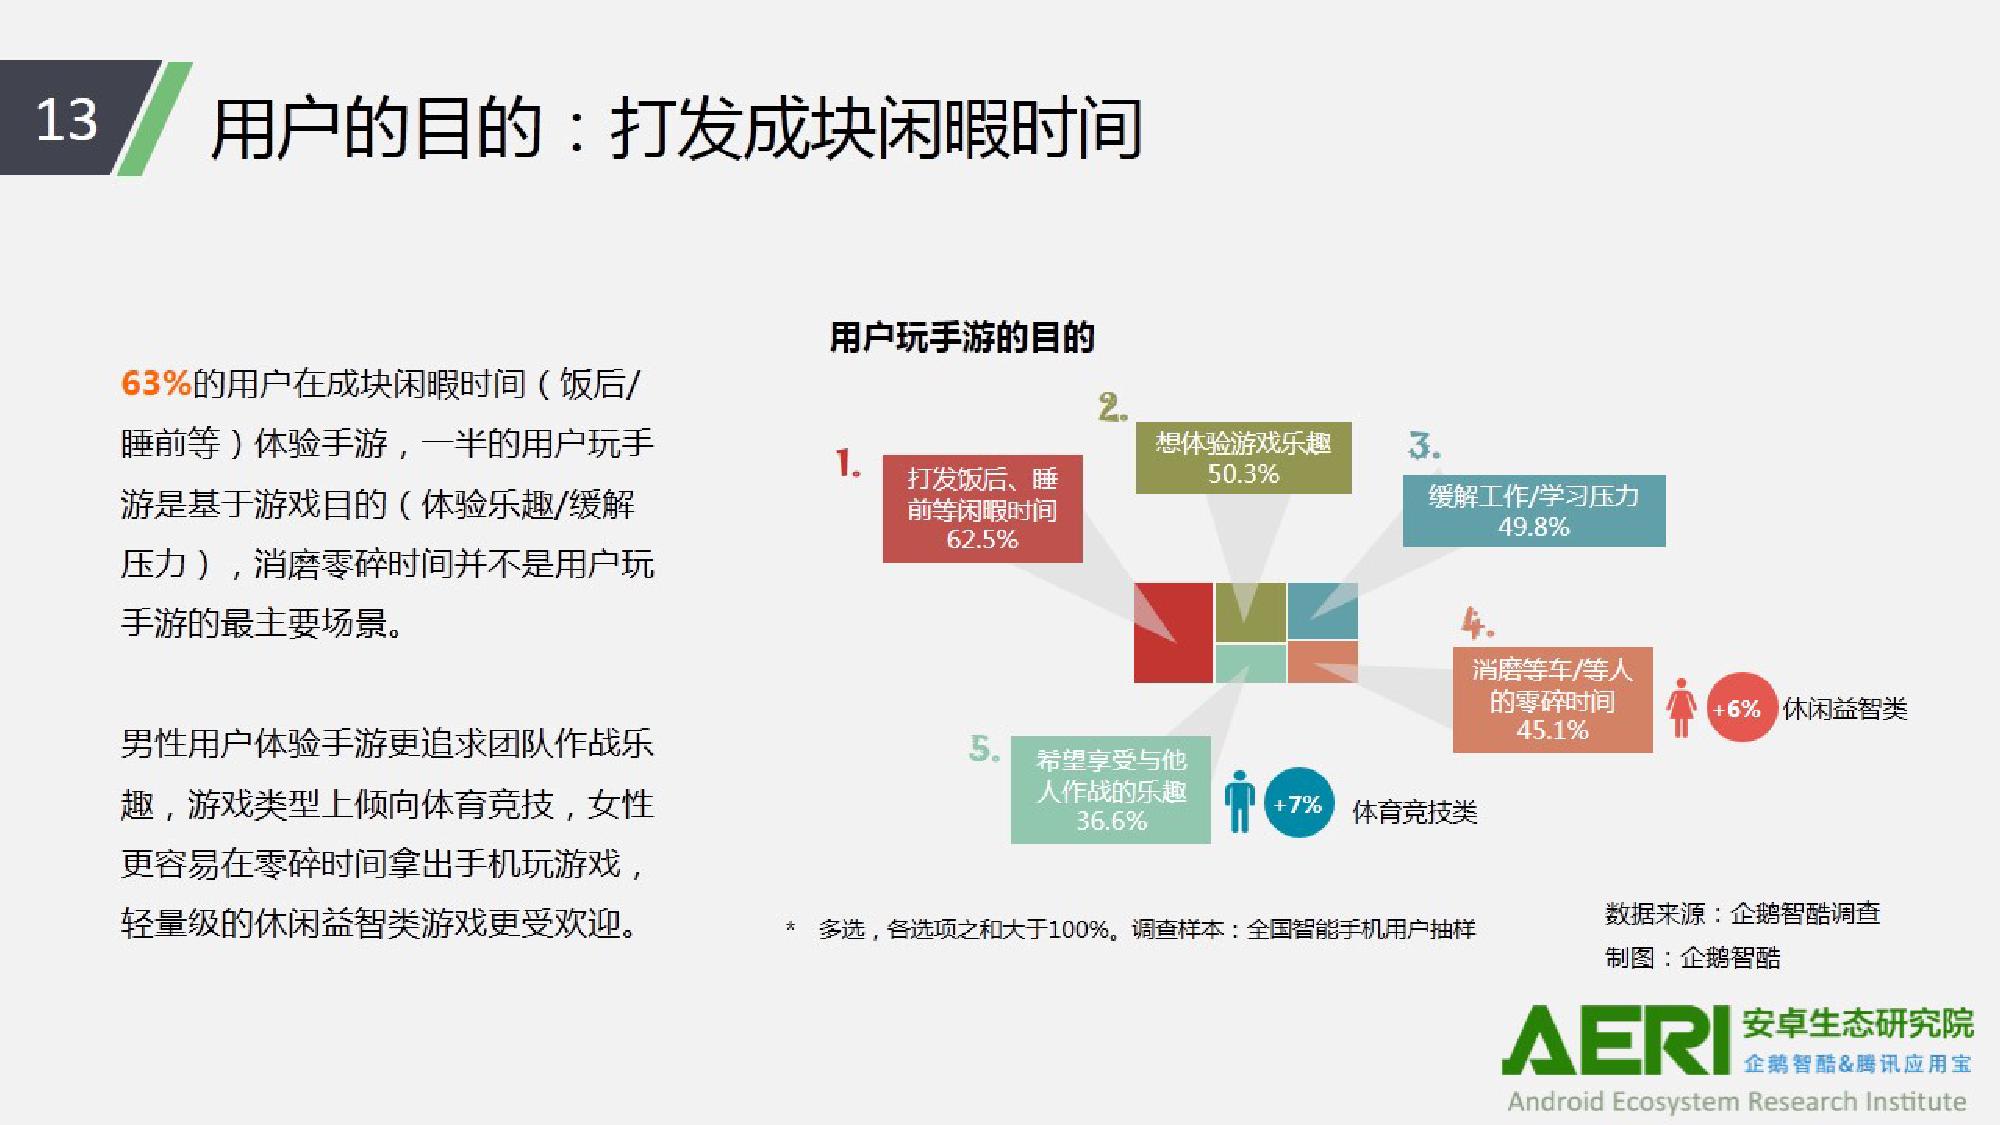 中国手游行业2016大数据报告_000014